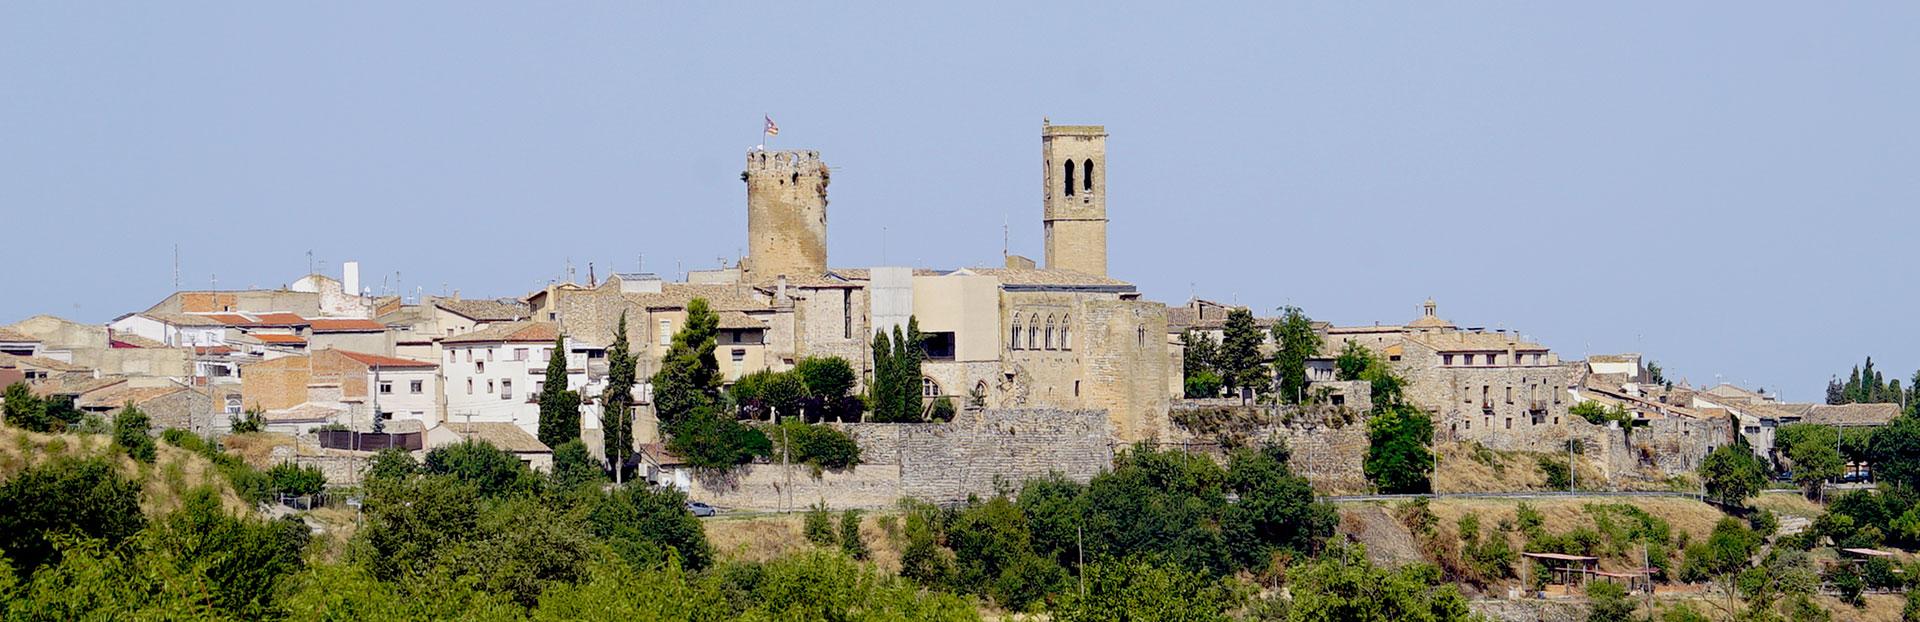 San Pietro Claver continua a ispirare i gesuiti in Catalogna